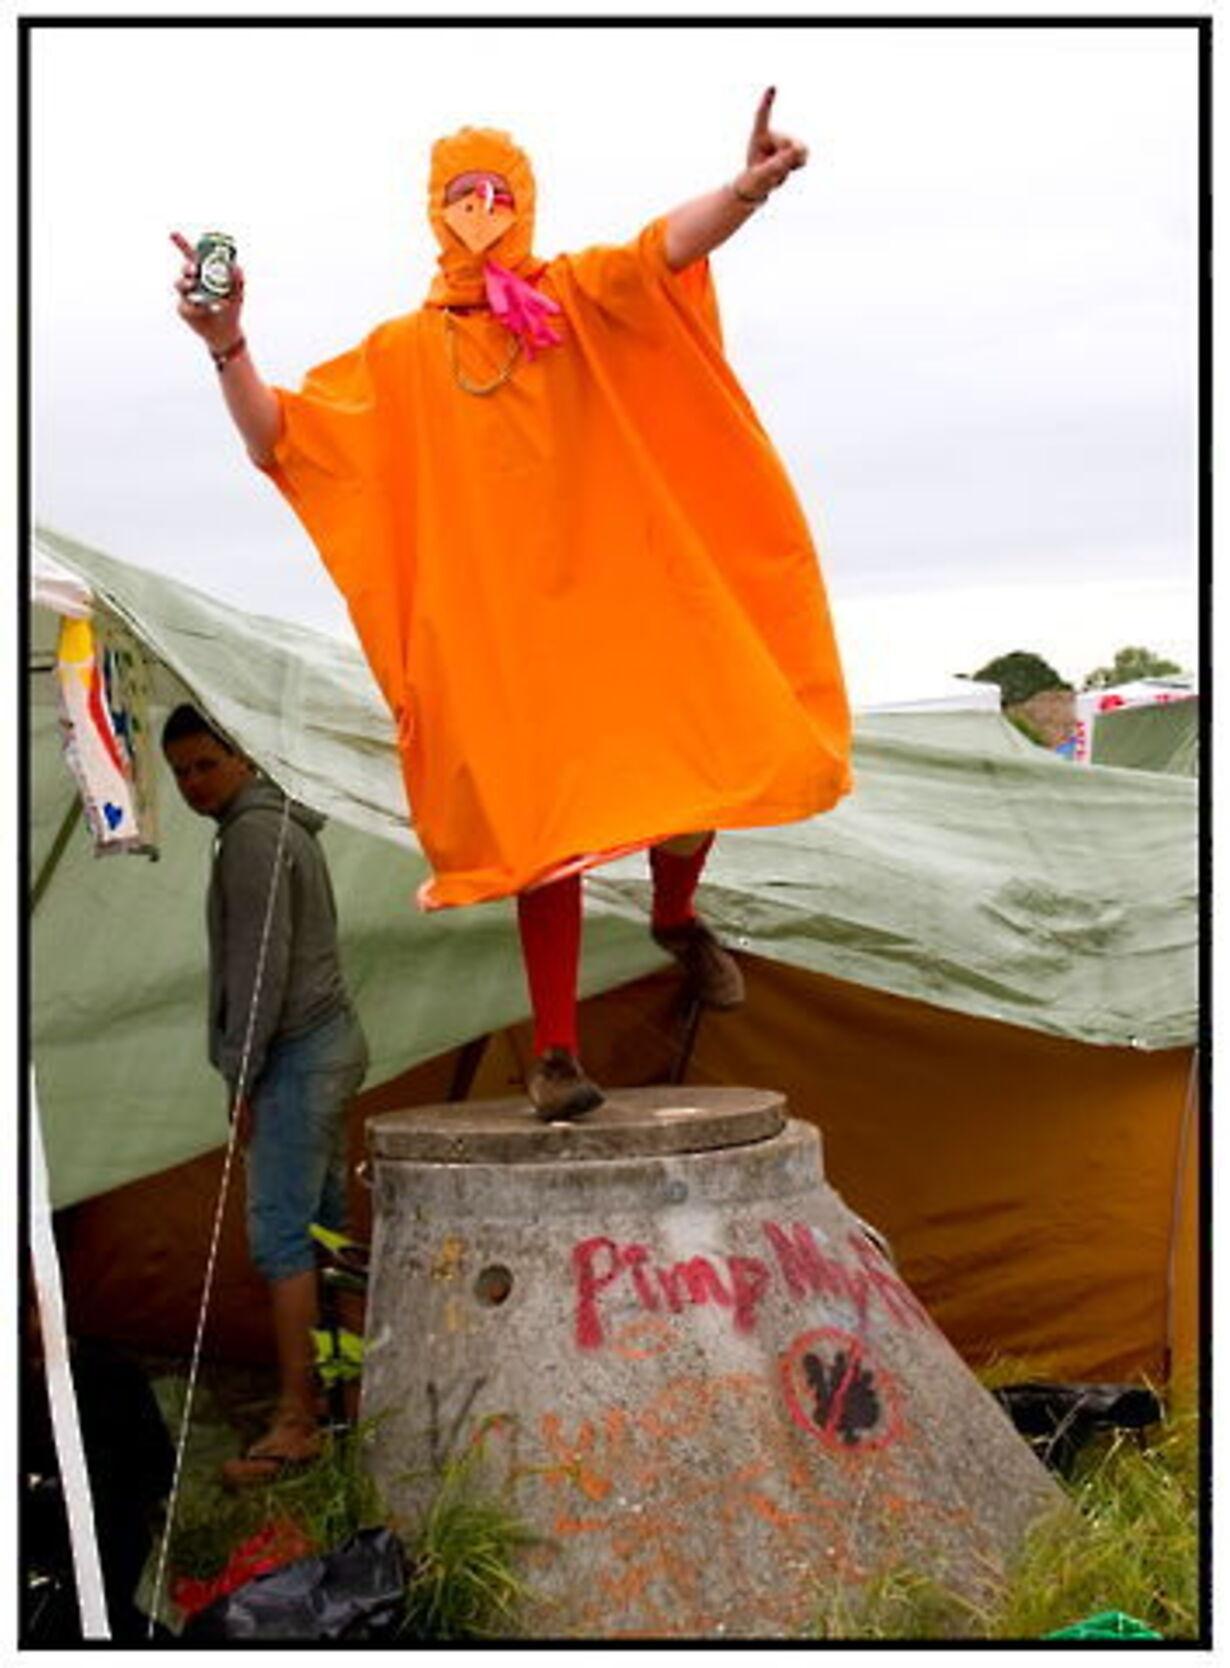 De første dage på Roskilde Festival - 6